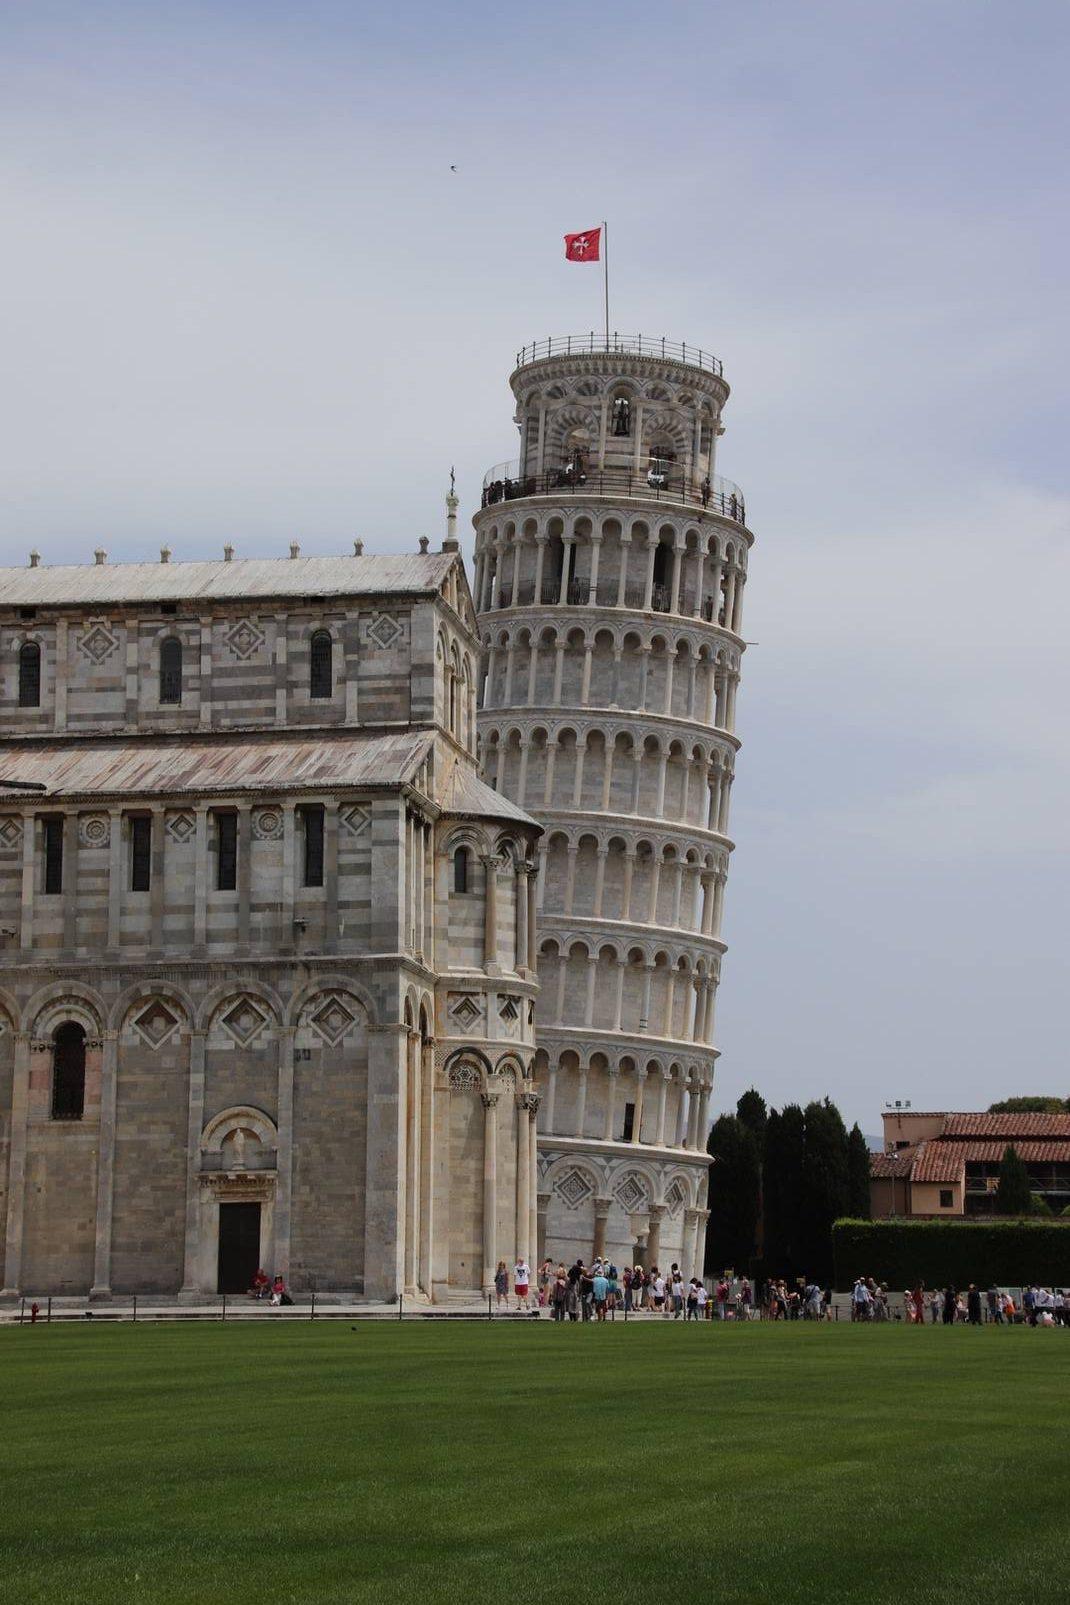 Italie - Cathédrale et tour de Pise sur la Piazza dei Miracoli